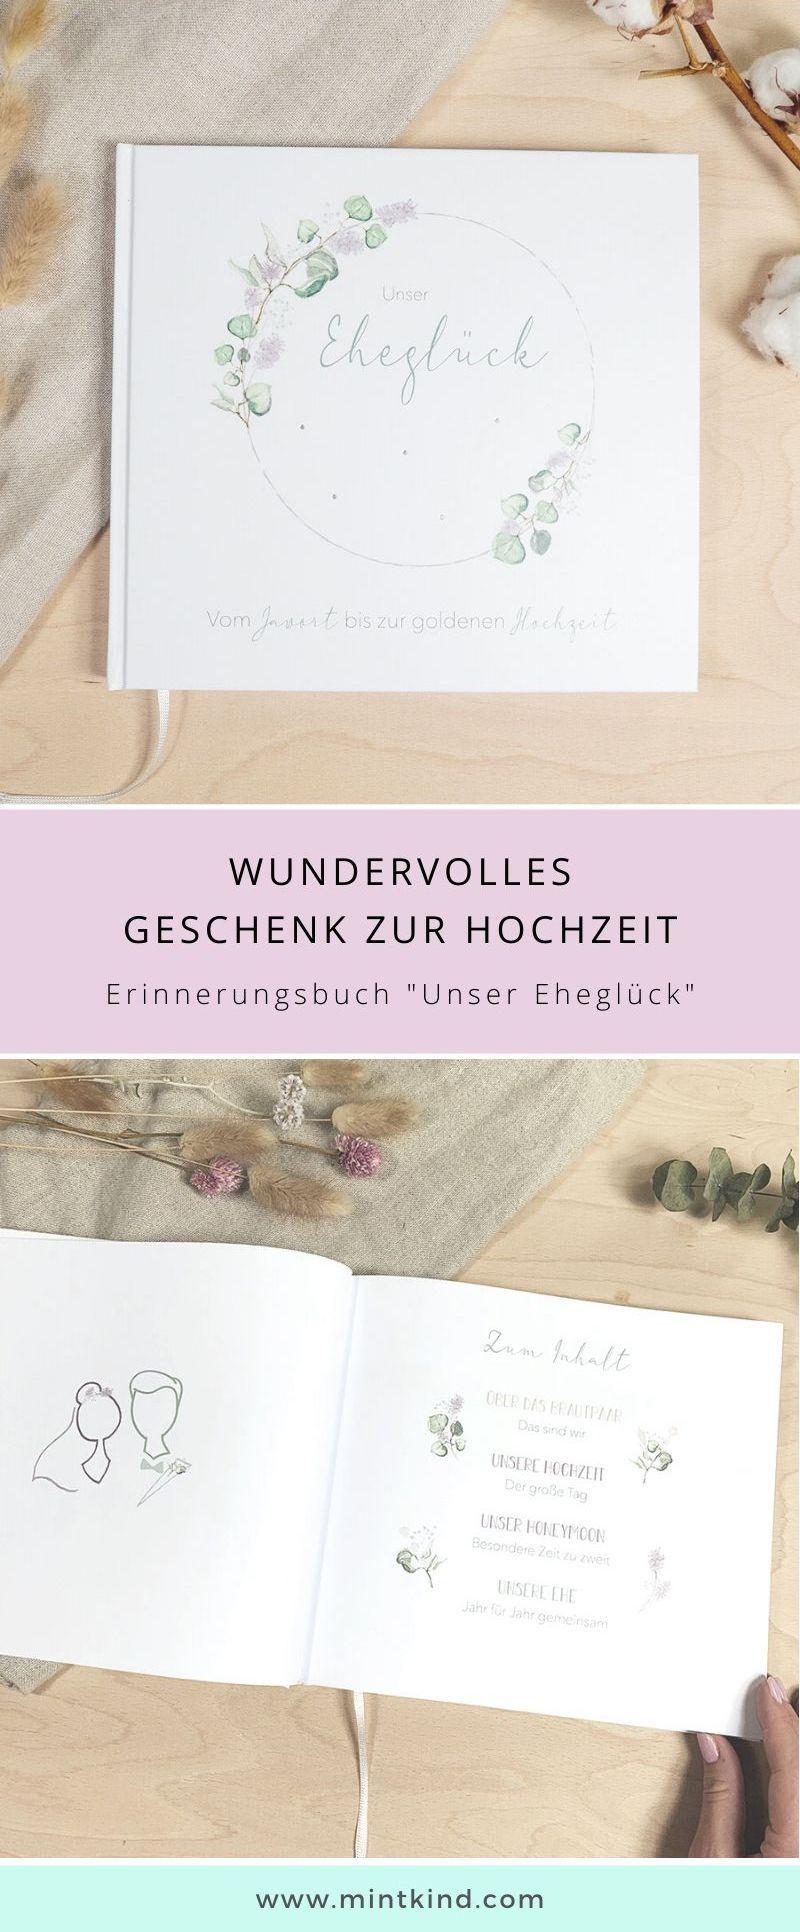 Mintkind Unser Ehegluck Erinnerungsbuch An Gemeinsame Ehejahre In 2020 Ehejahr Hochzeitsbuch Geschenk Hochzeit